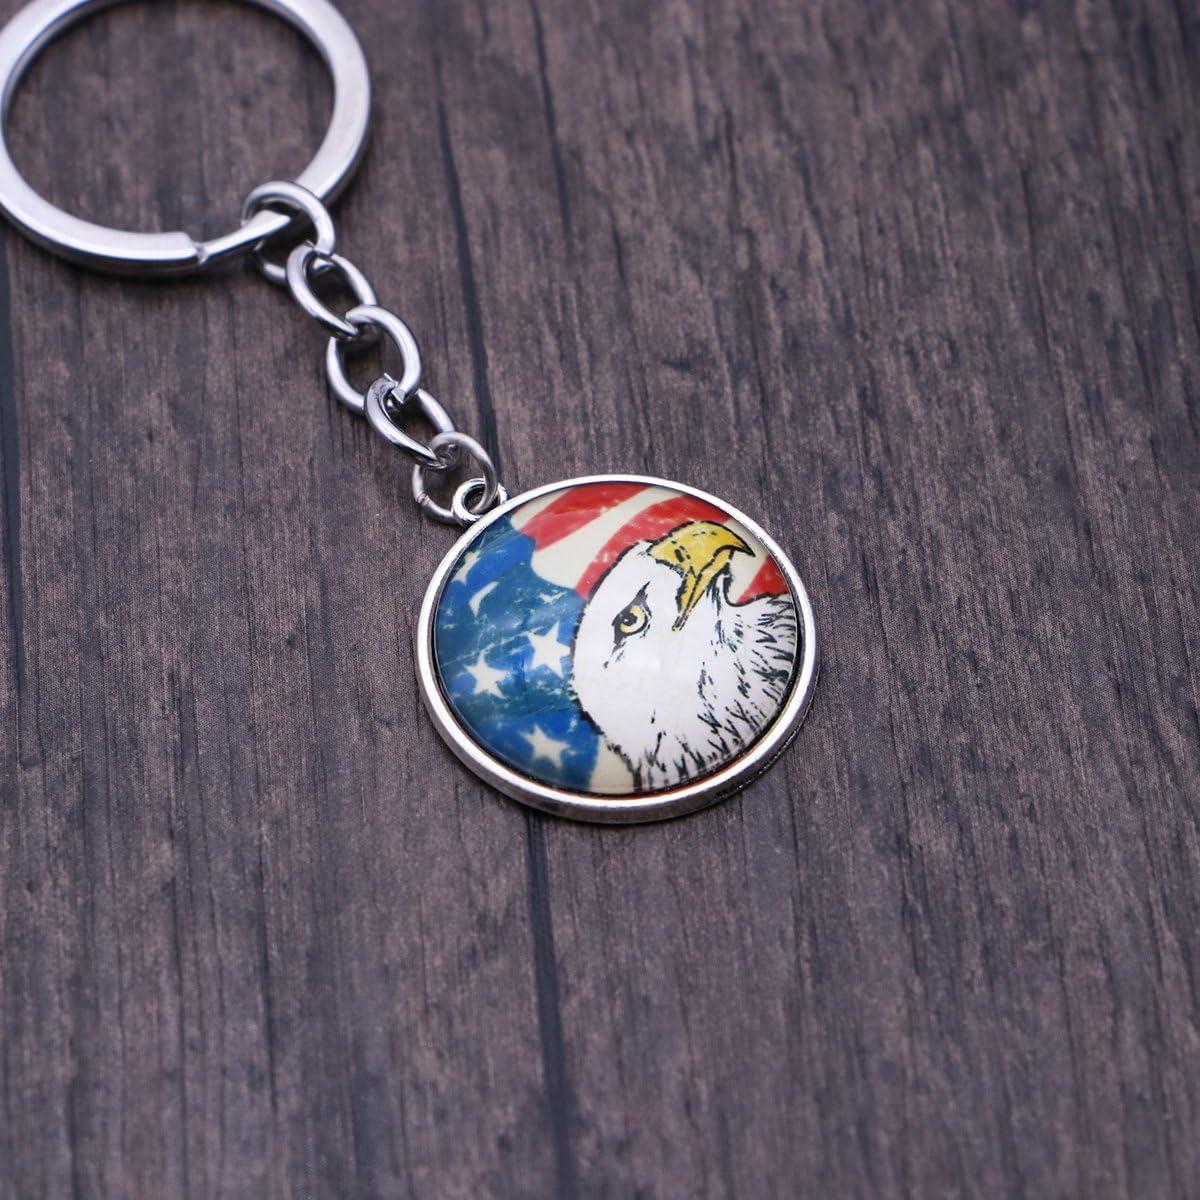 Silver LUOEM 10pcs Pygargue /à t/ête blanche porte-cl/és porte-cl/és drapeau am/éricain Art Antique Charm USA drapeau porte-cl/és bijoux Vintage cadeau pour le 4 juillet Veterans Day